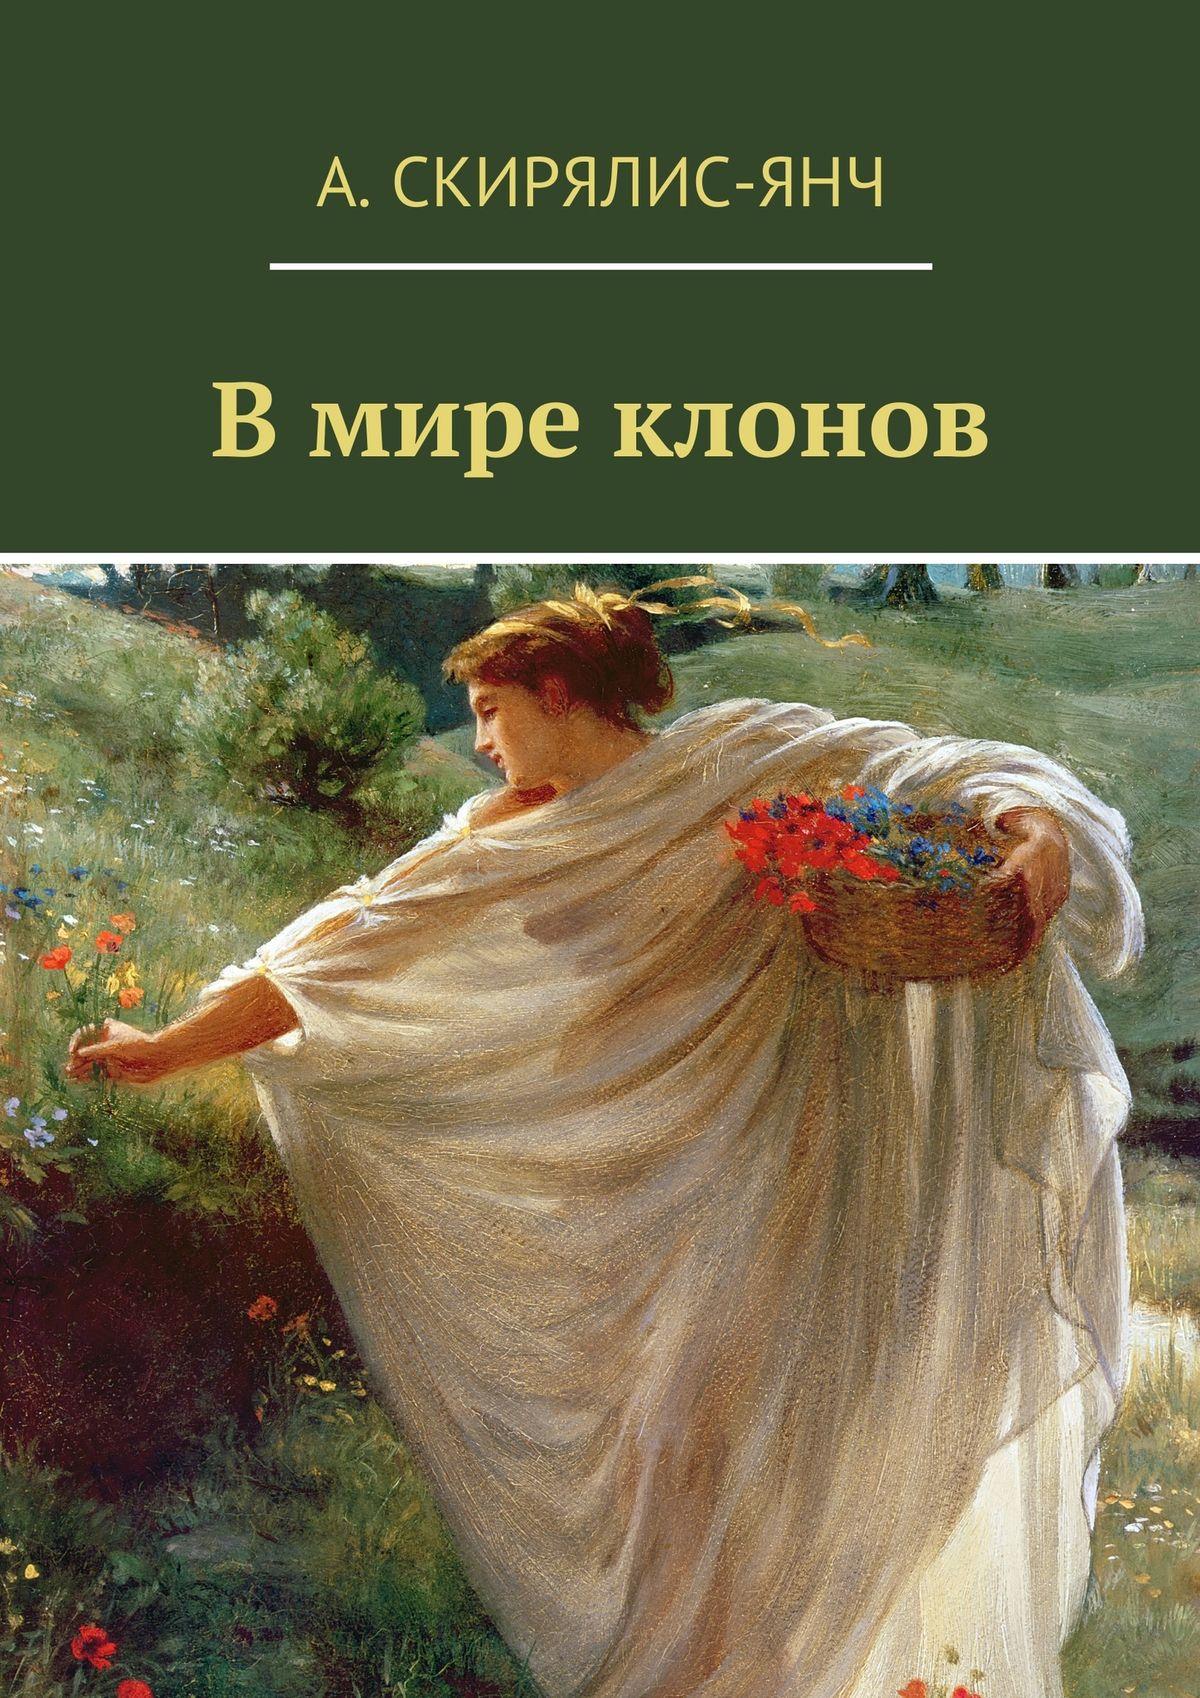 Анастасия Прановна Скирялис-Янч В мире клонов. Фантастическая повесть цена